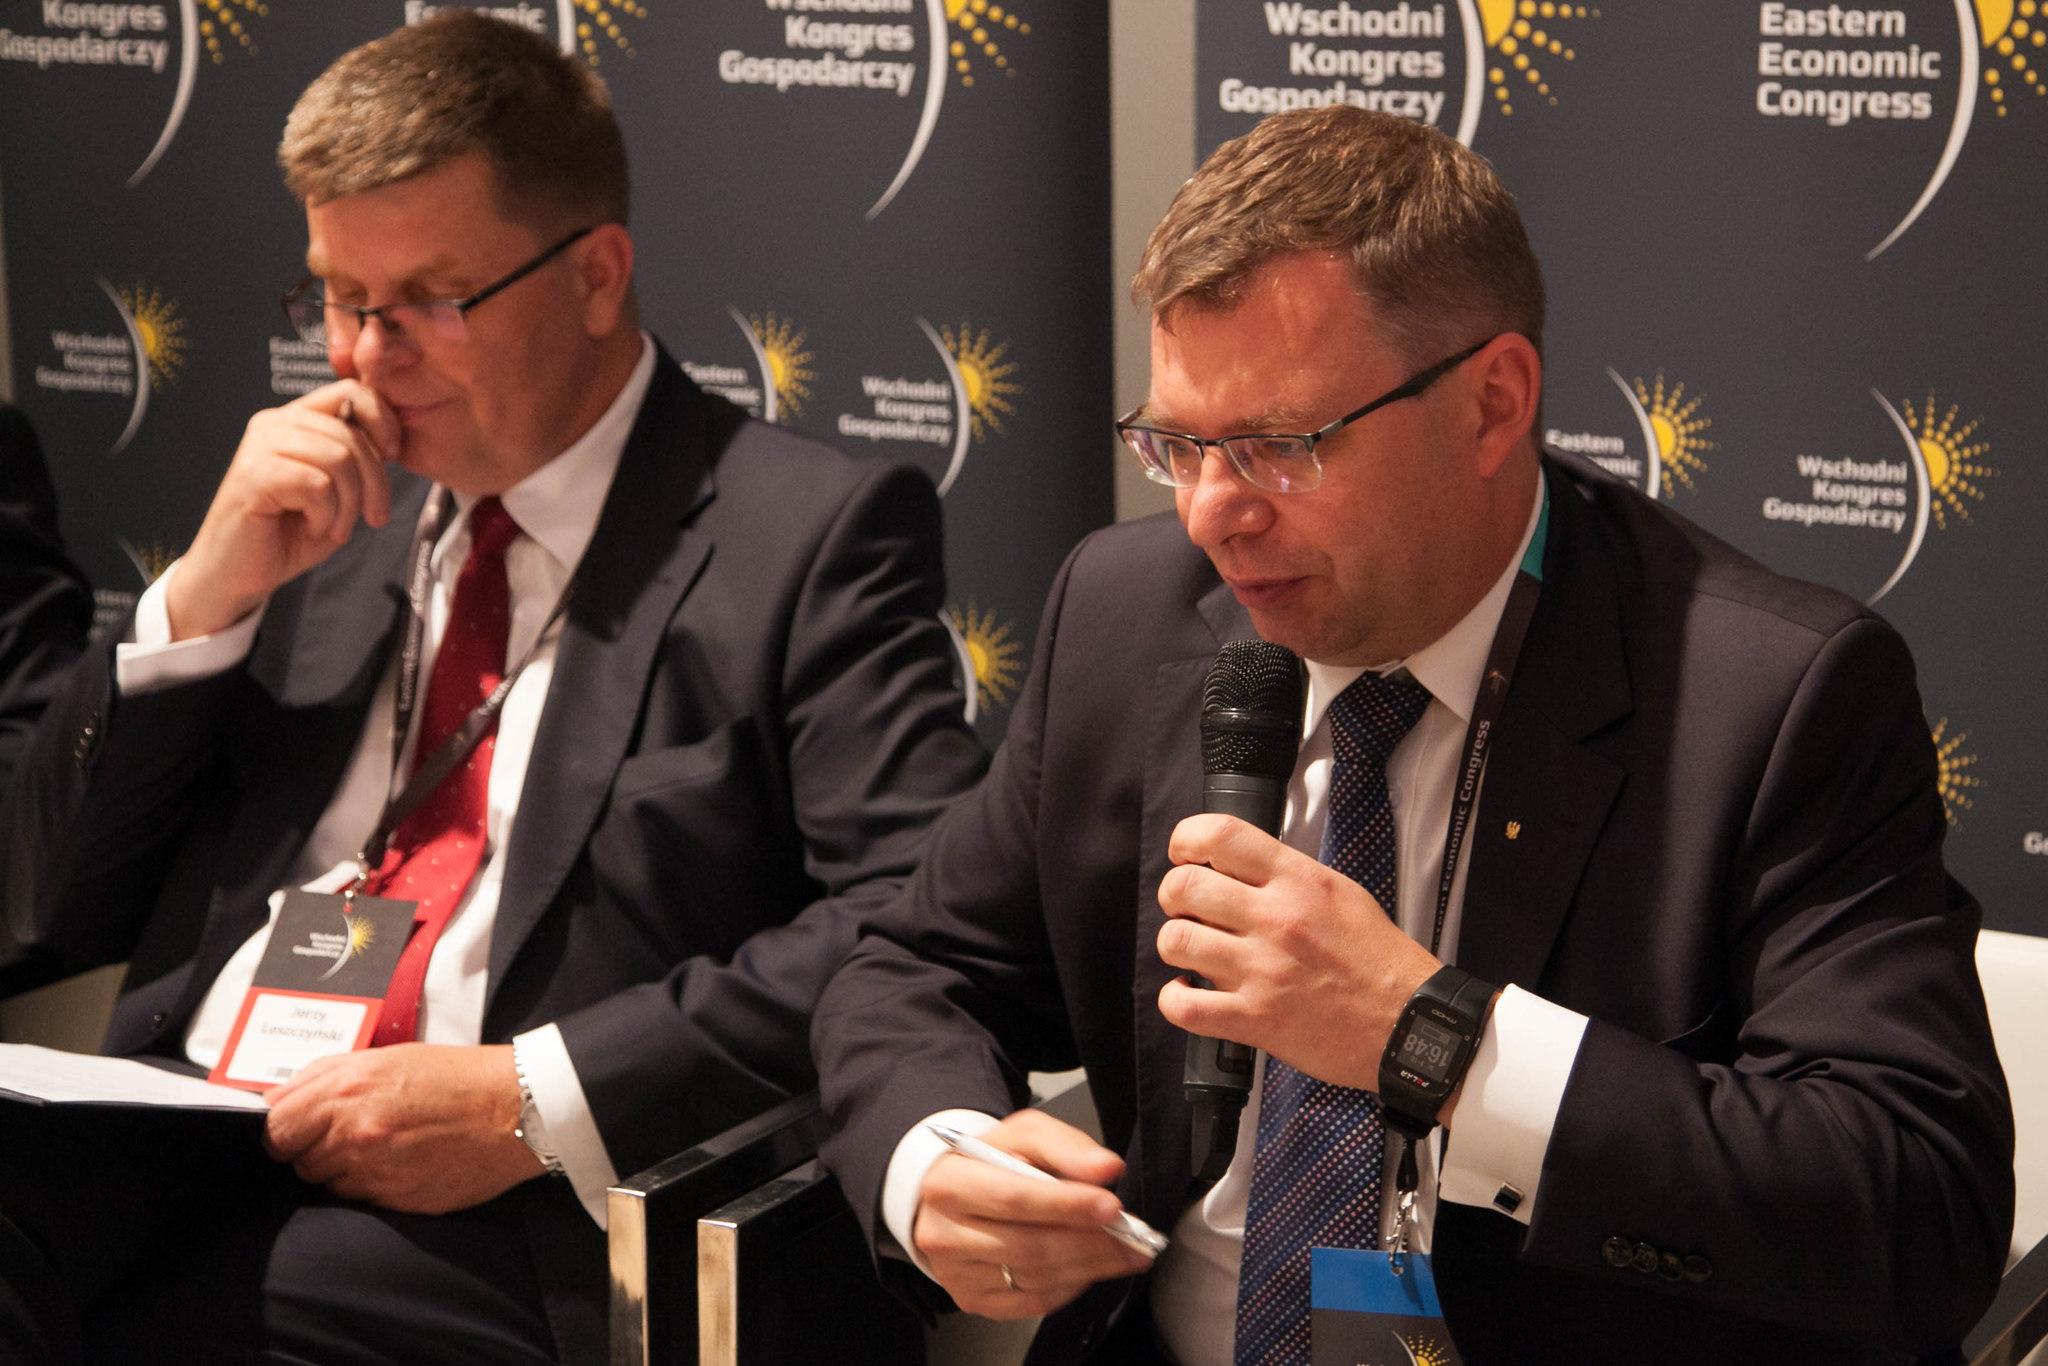 Od lewej: Jerzy Leszczyński i Artur Chojecki (fot. AR/PTWP)